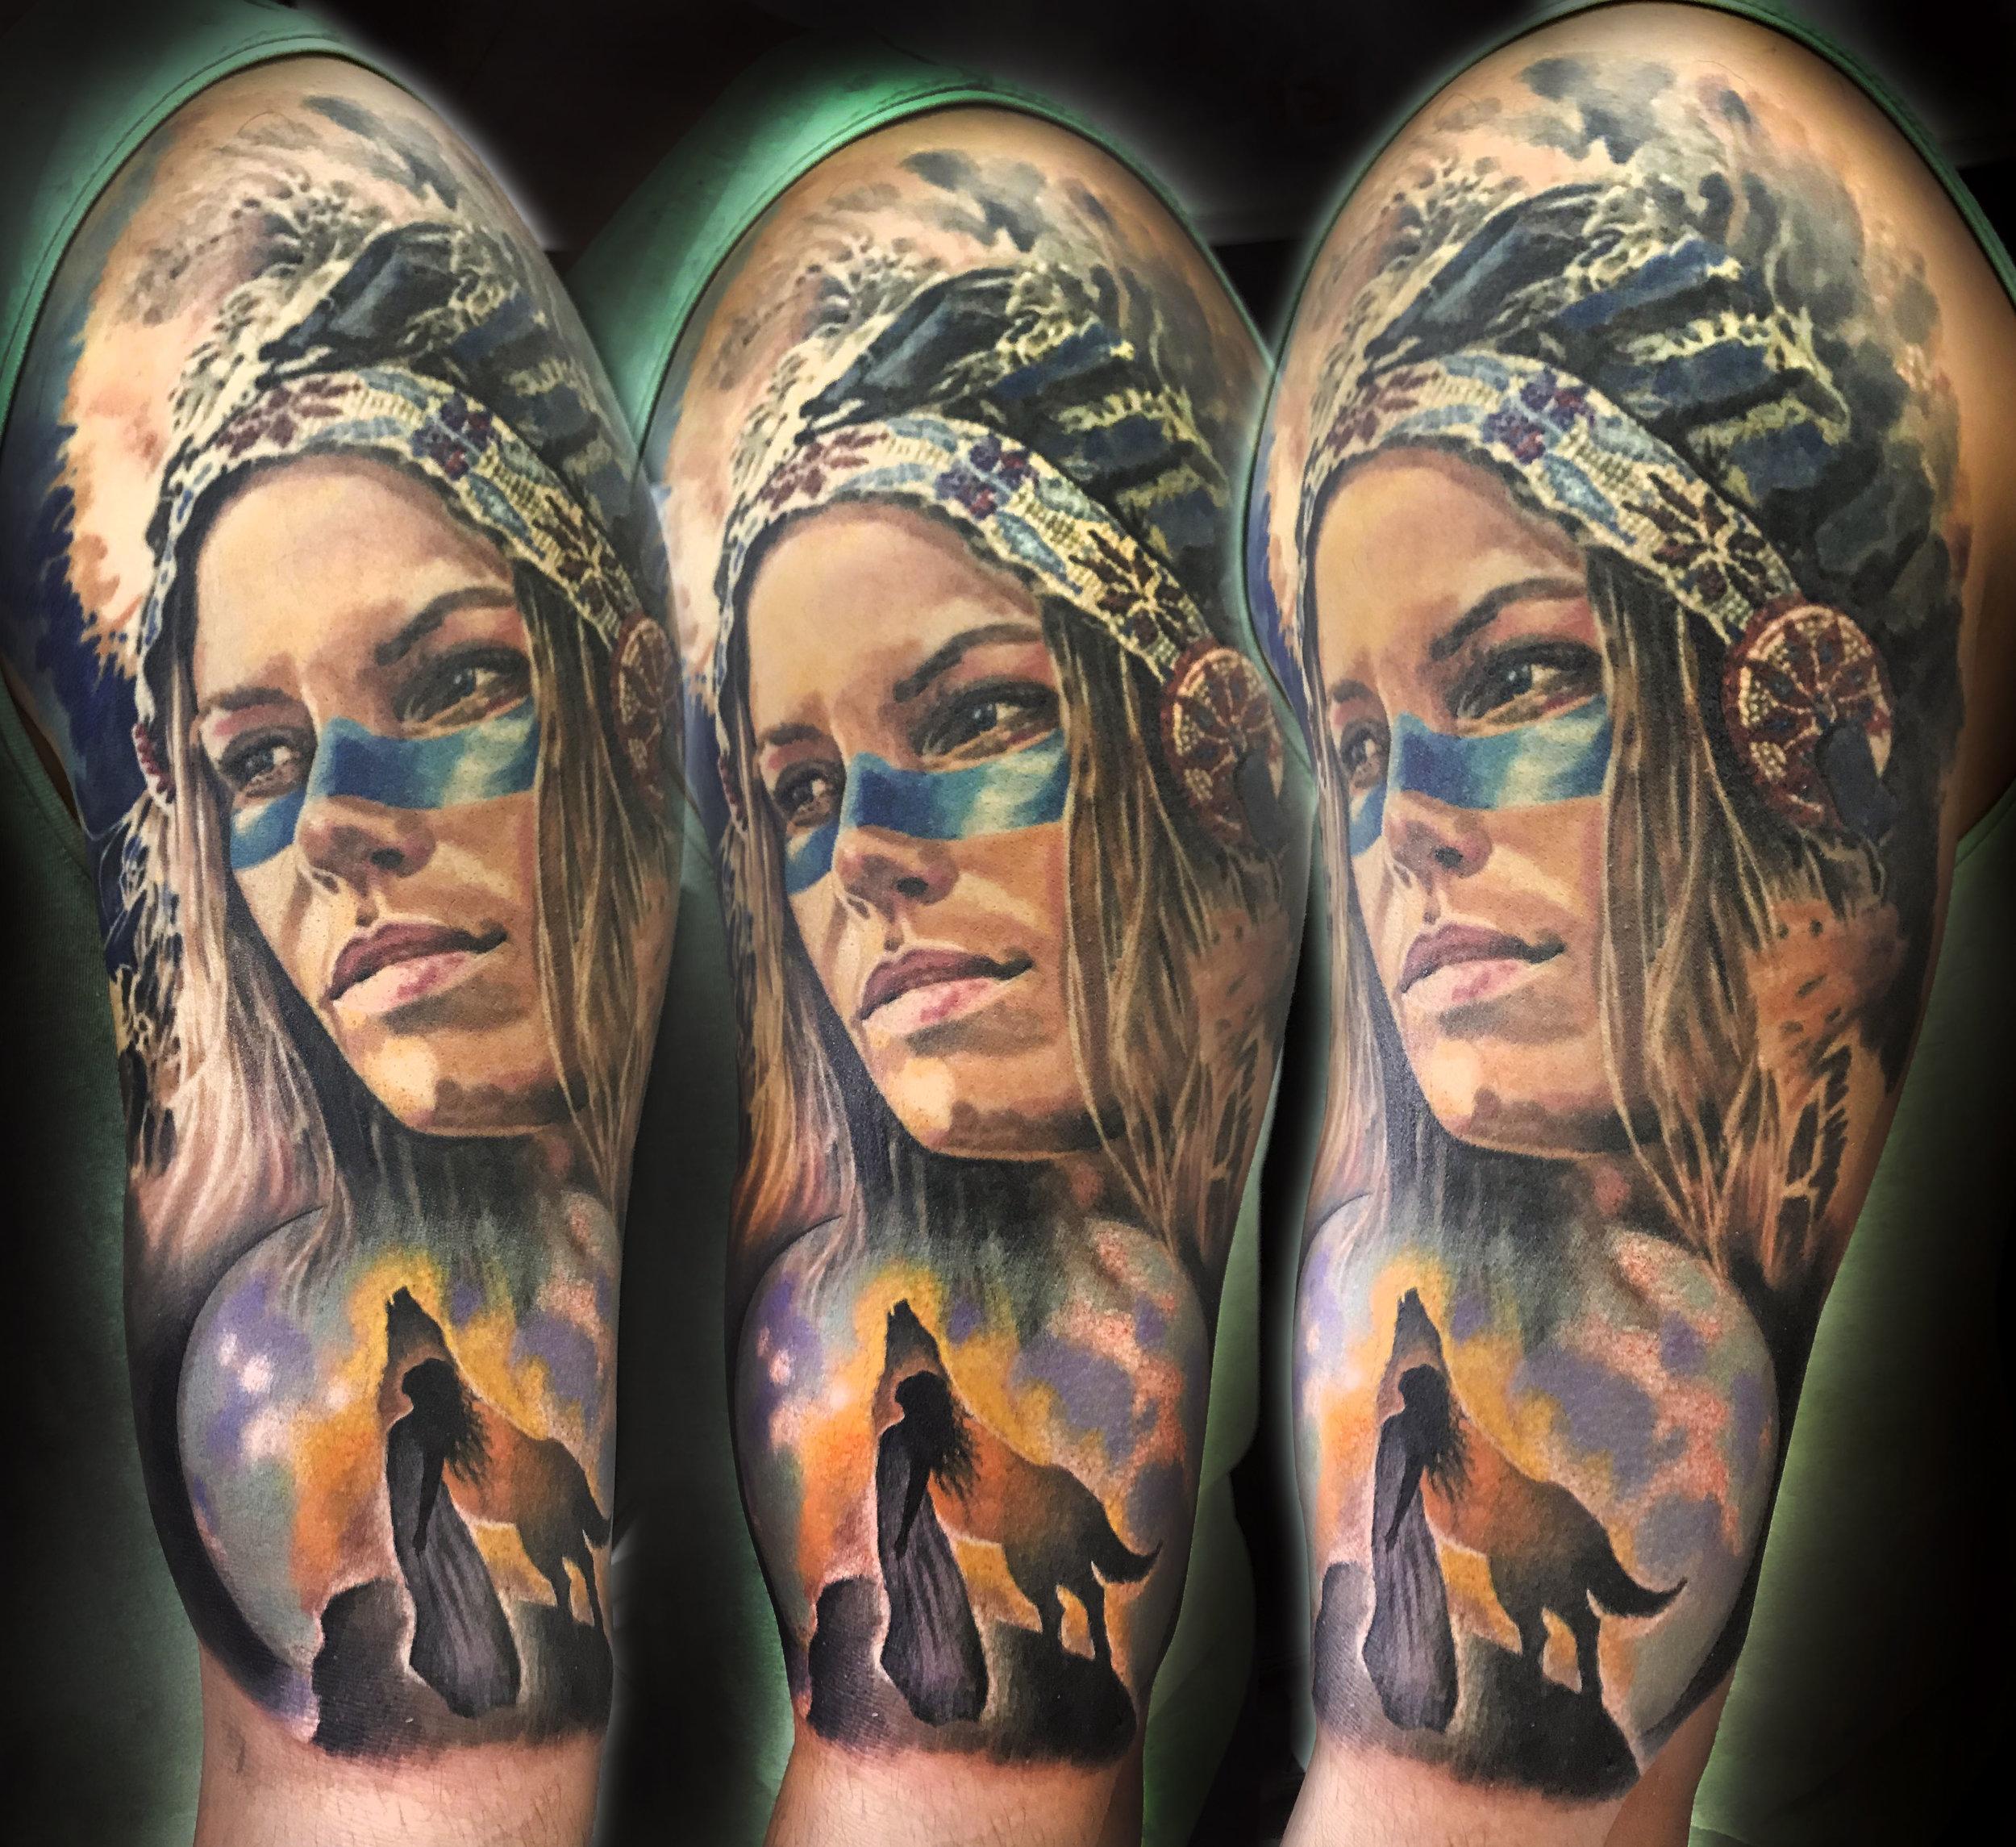 Tatuajes Realistas La Mujer Como Inspiración ángel De Mayo Tattoo